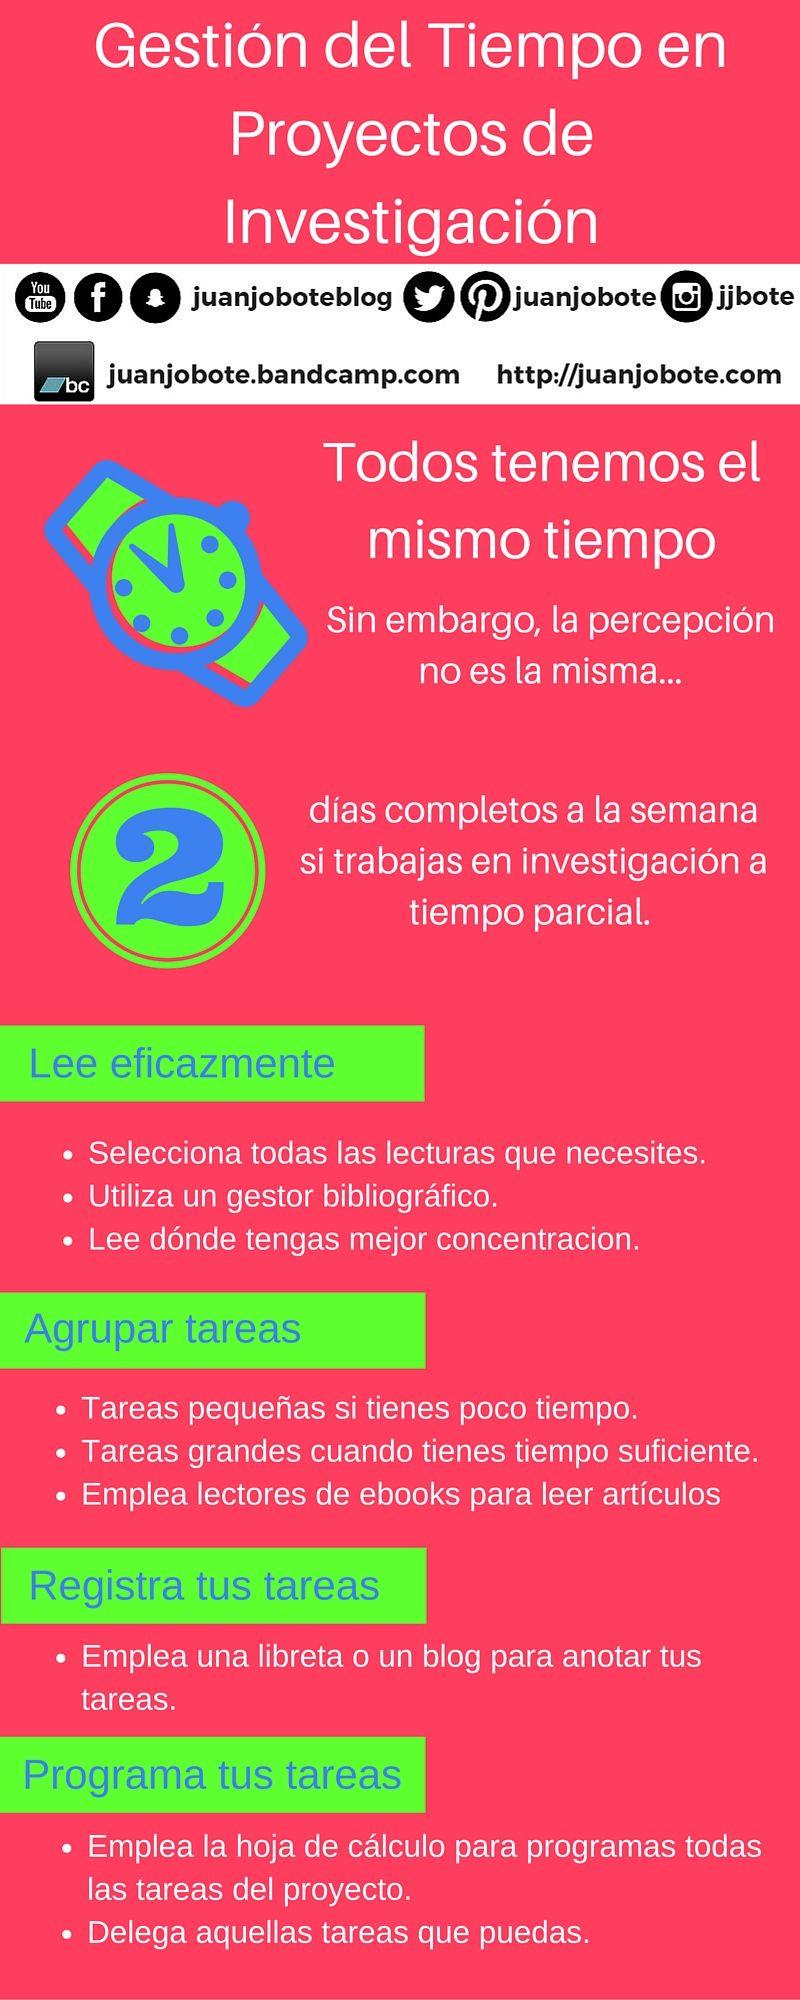 Gestión del Tiempo en Proyectos de Investigación #infografia ...